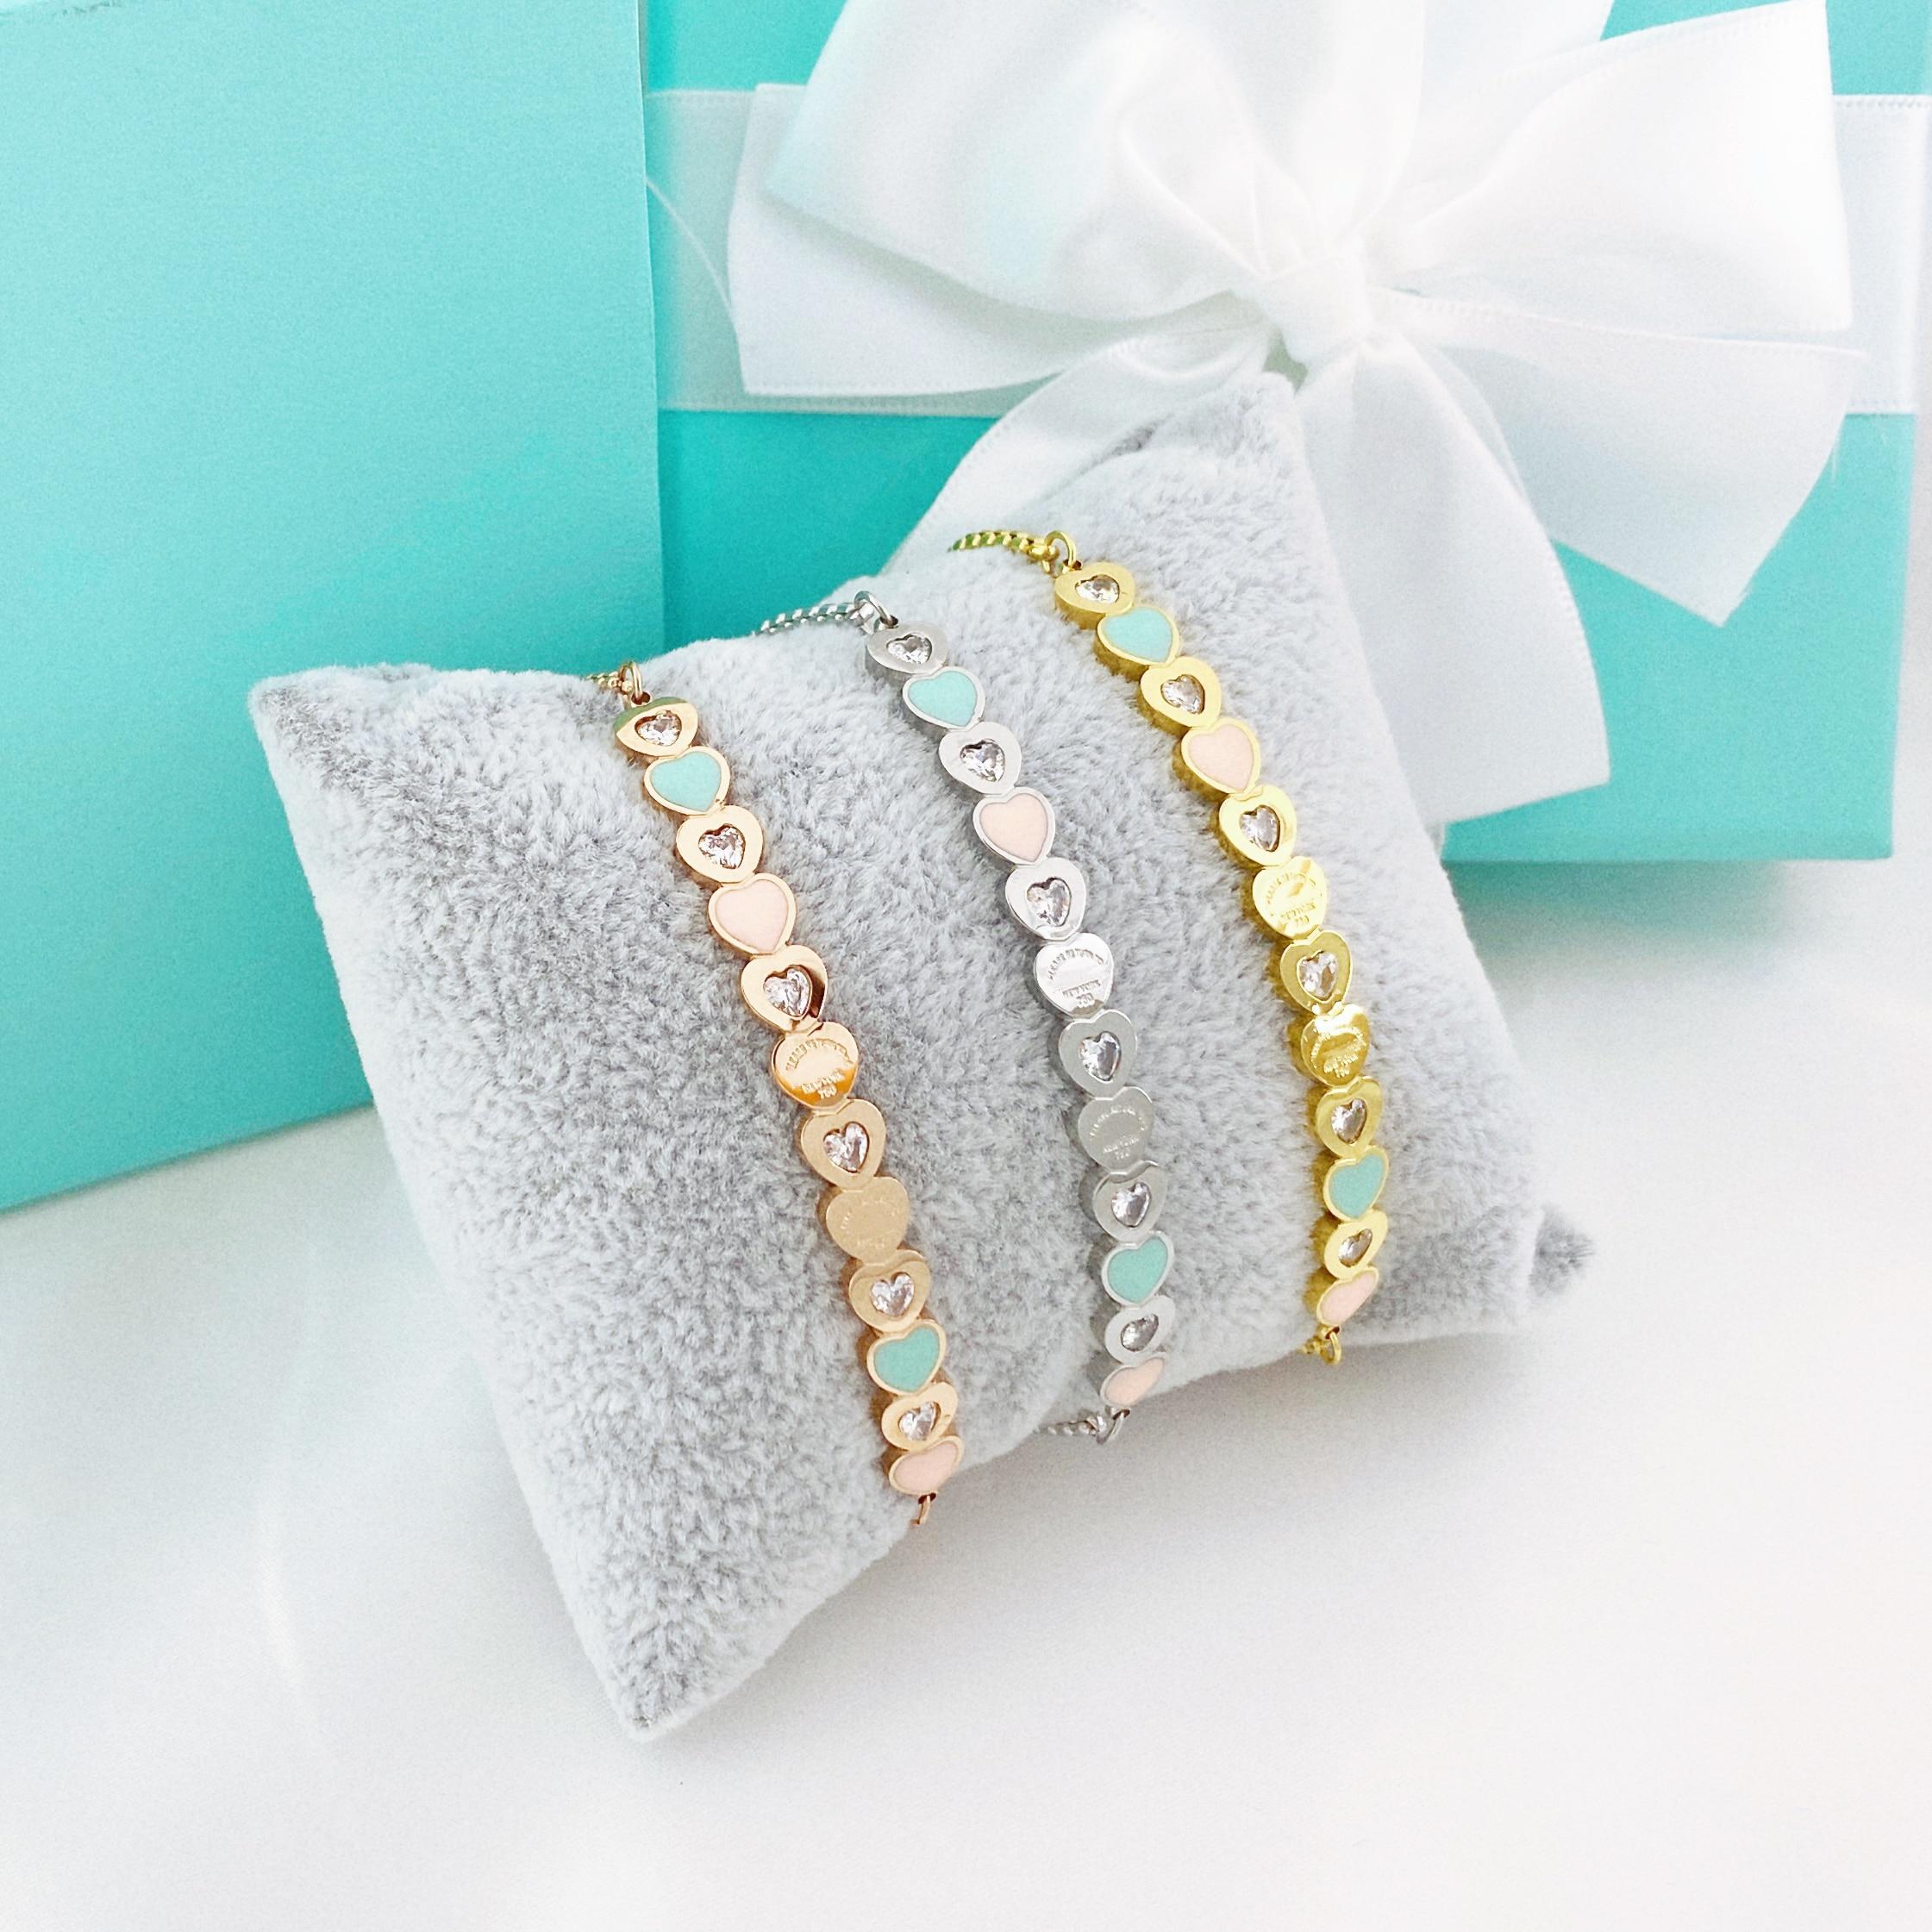 Регулируемый браслет, браслет для женщин, очаровательный, ползунок, блестящий, CZ, розовое золото, ювелирное изделие, Pulseira Feminia, оптовая прода...